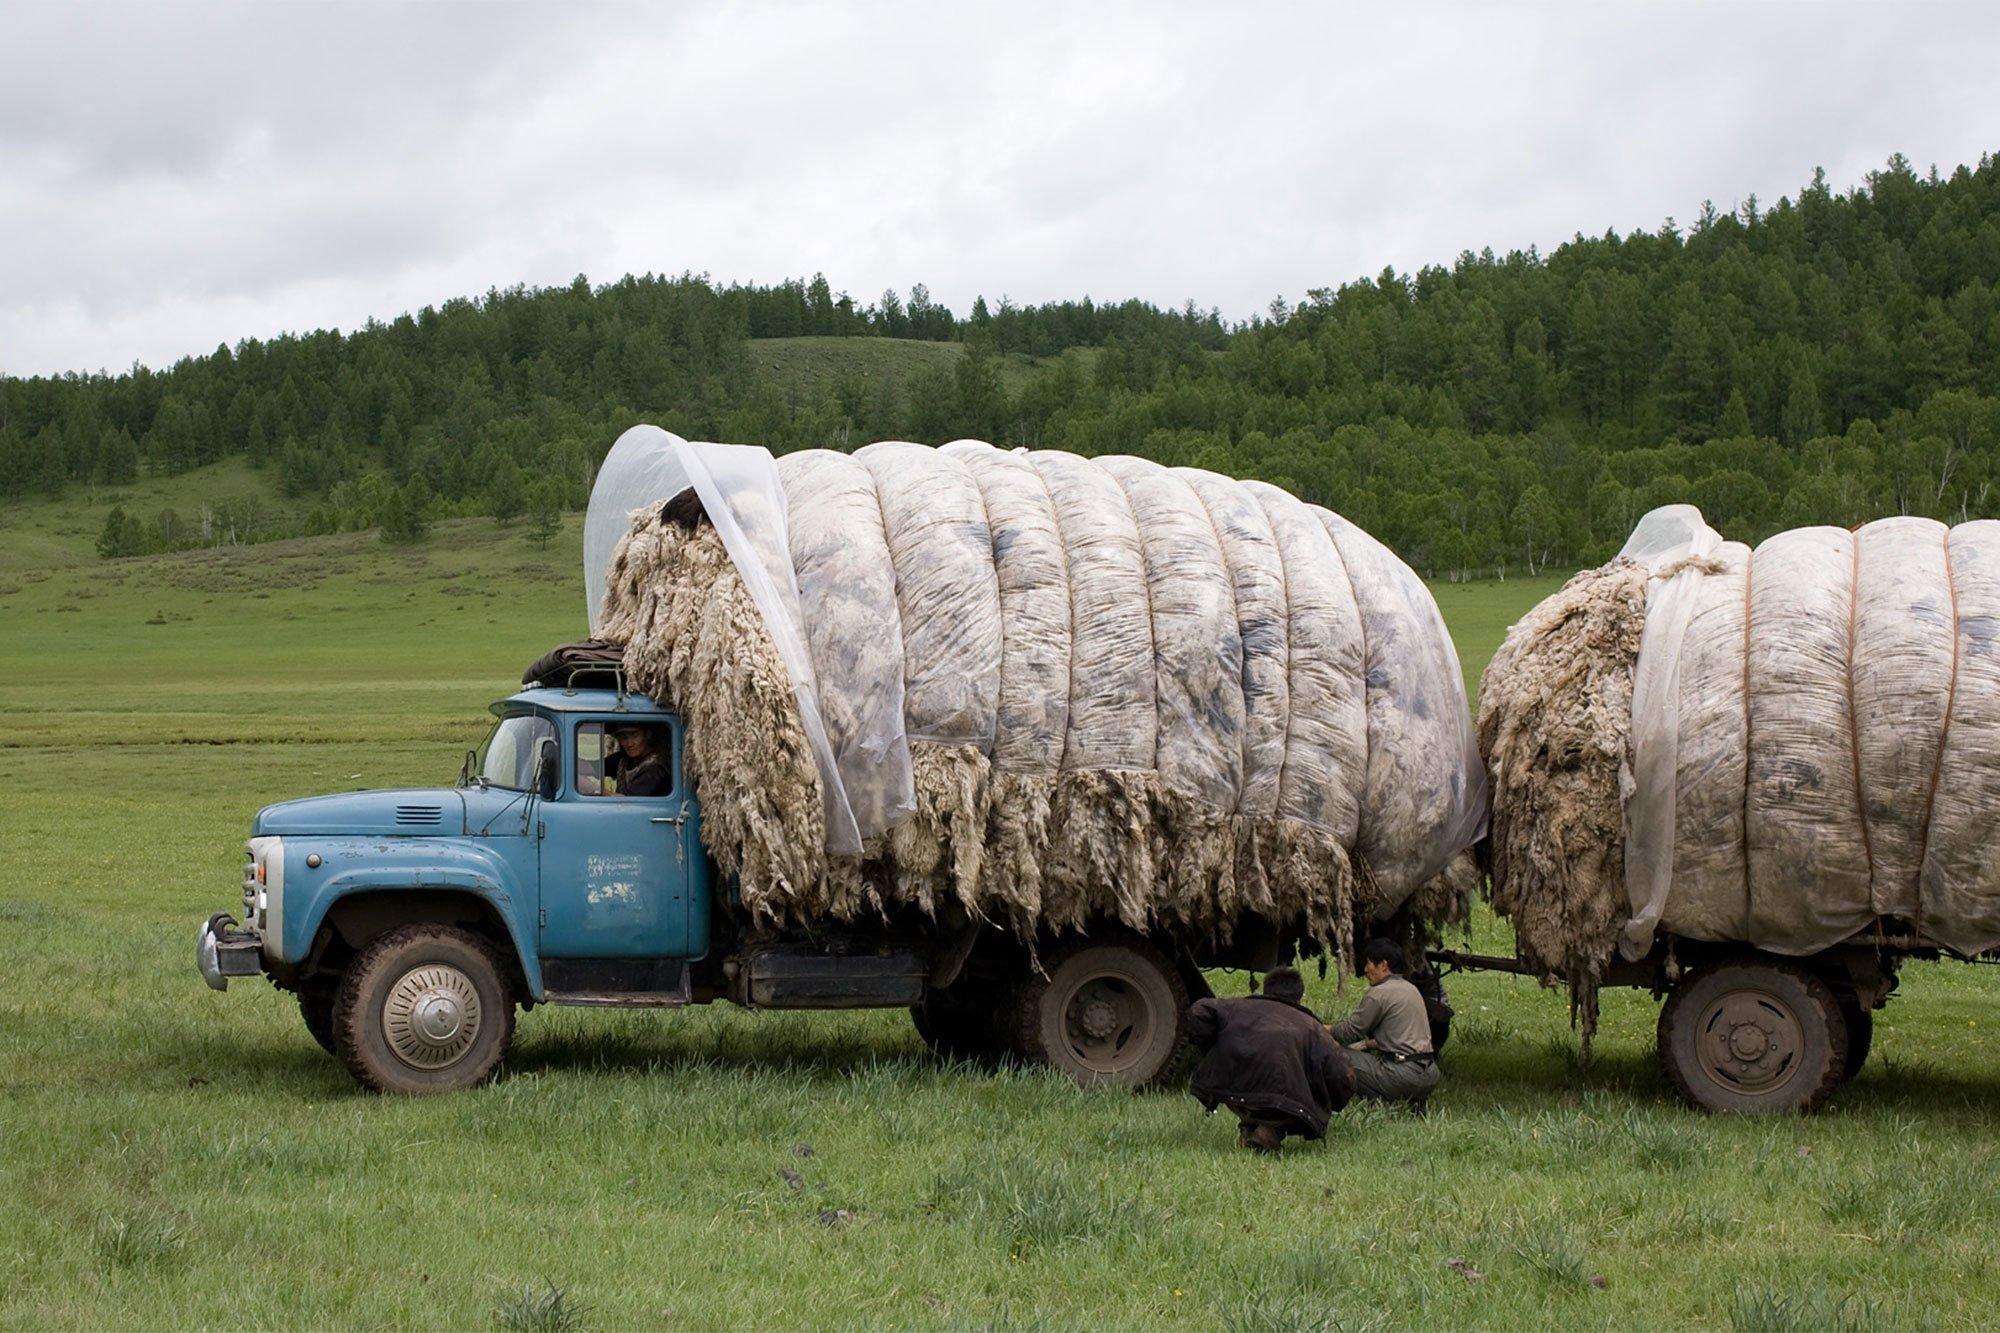 Seit 60 Jahren stellt tretford textile Bodenbeläge mit Kaschmir-Ziegenhaar aus der Mongolei her.